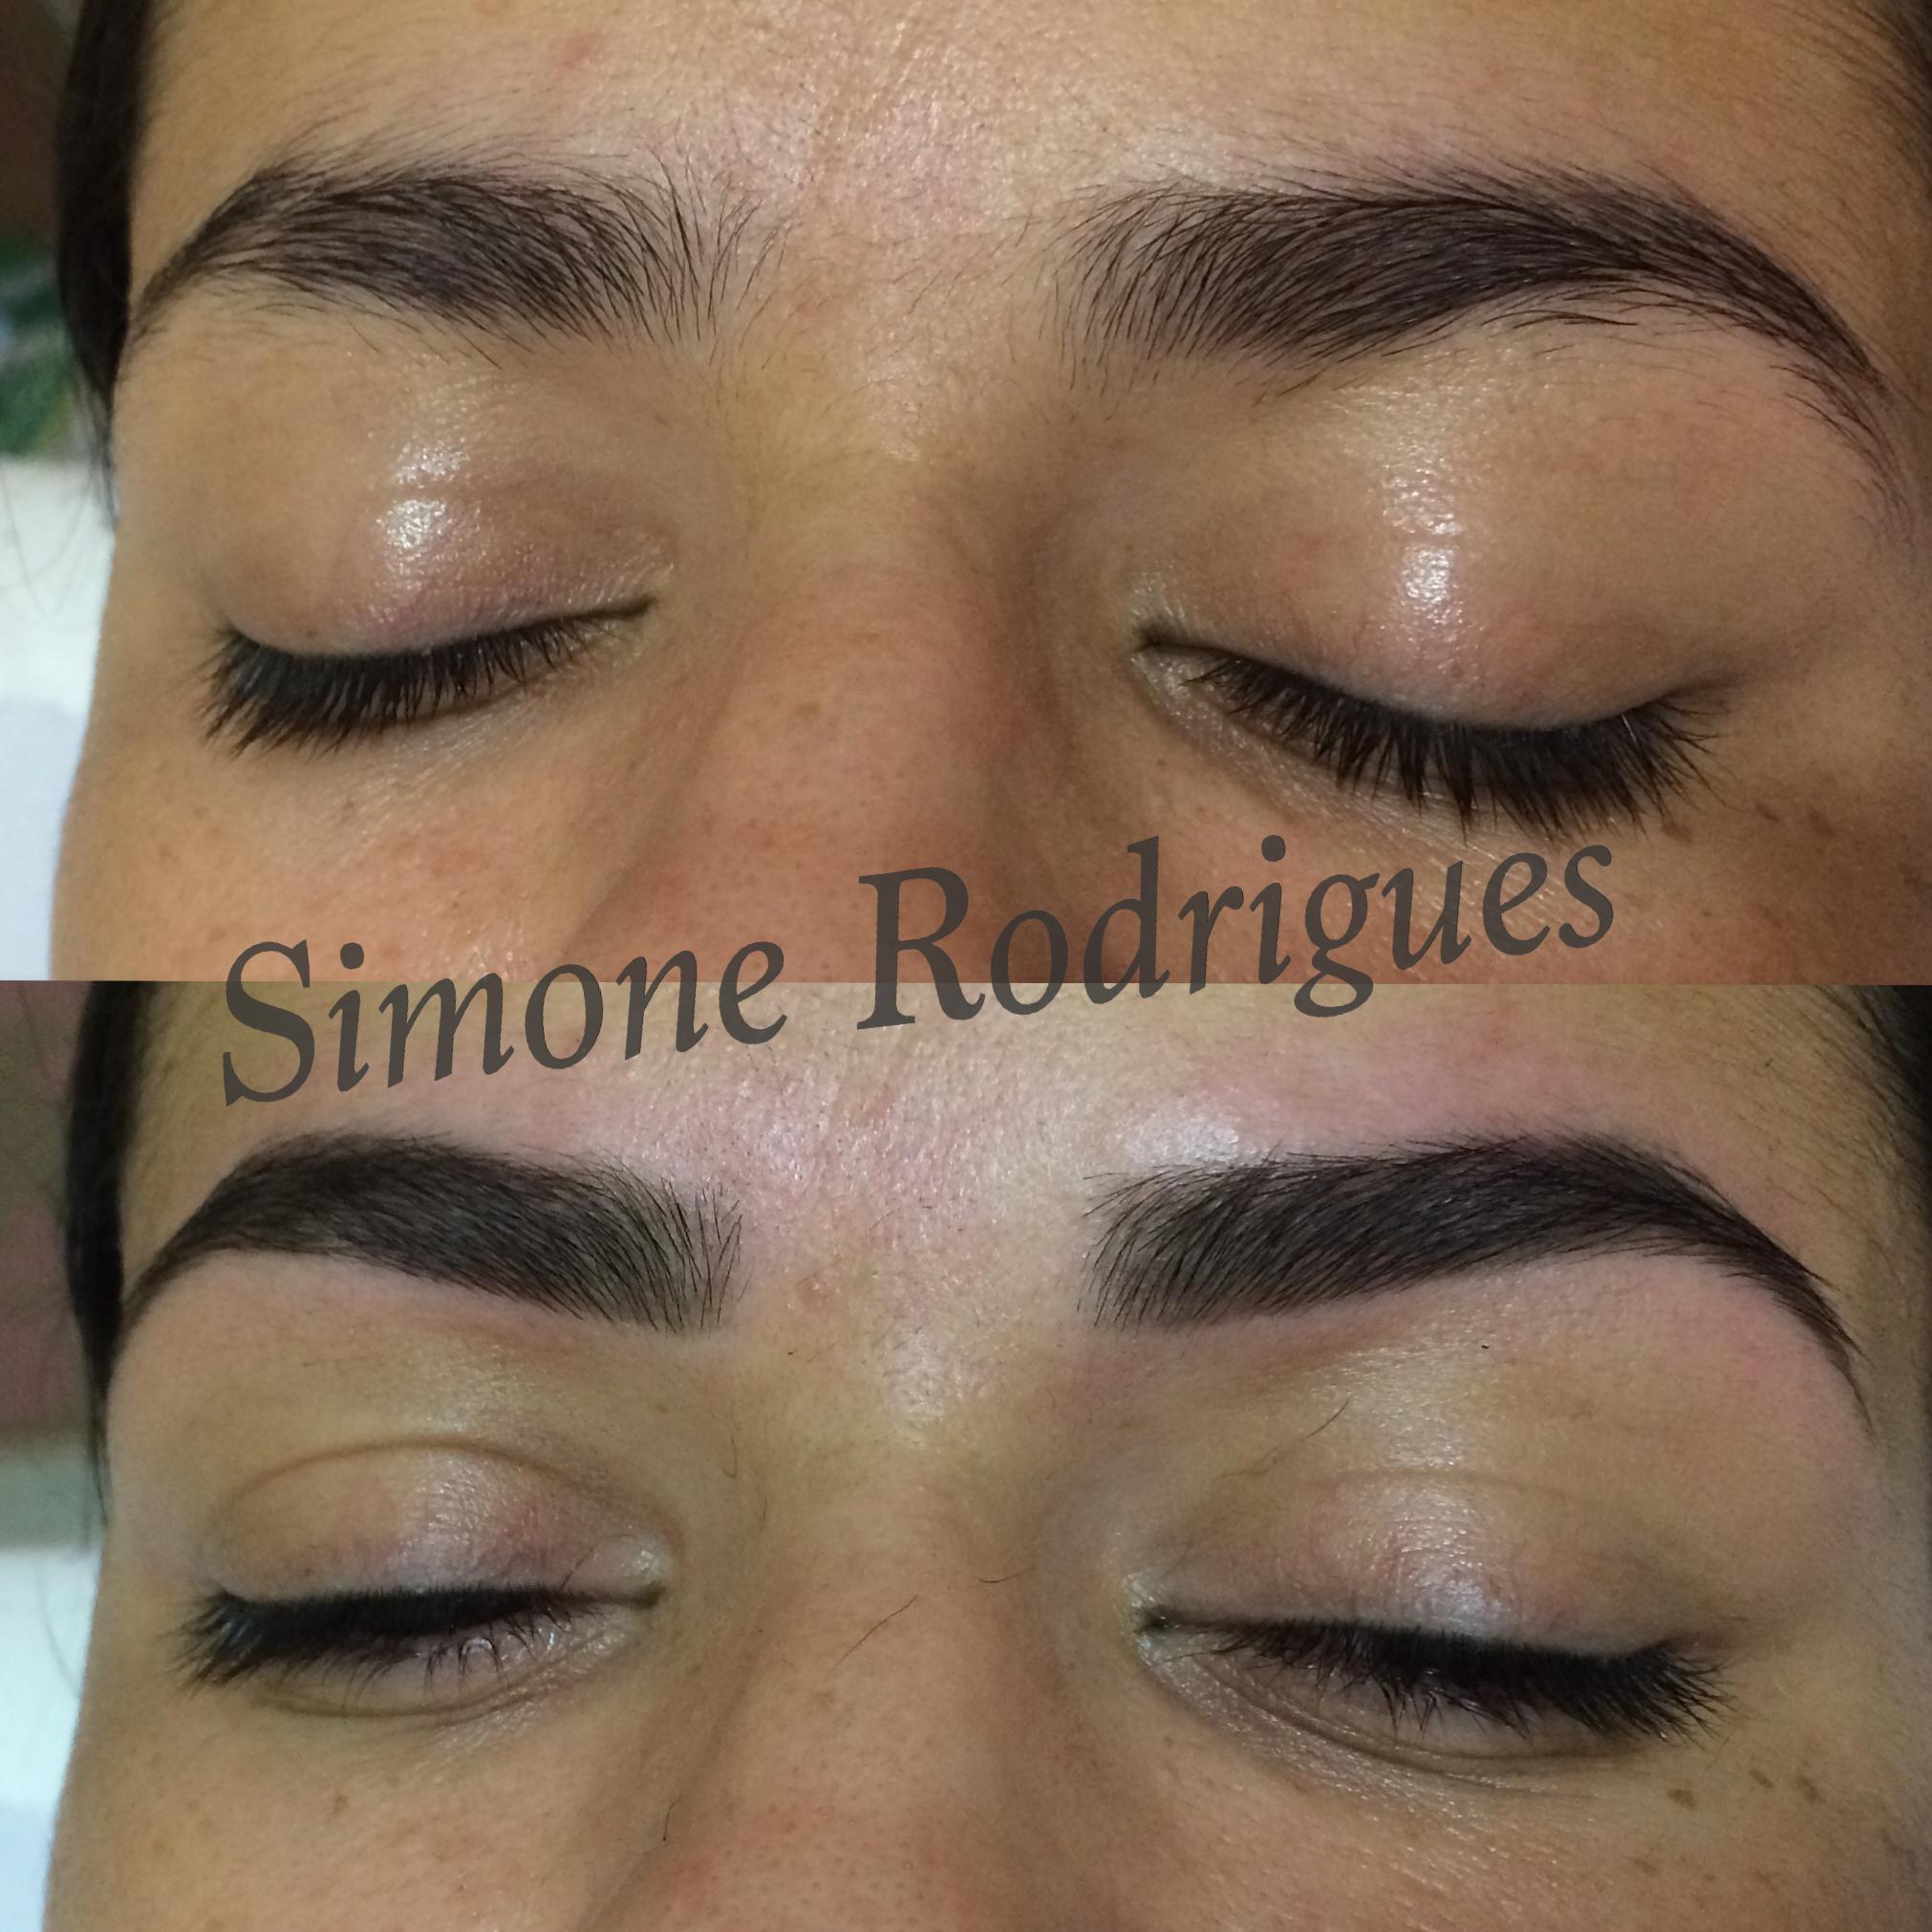 #designdesobrancelhas #sobrancelhas #simonerodriguesdepil outros designer de sobrancelhas esteticista depilador(a) micropigmentador(a)